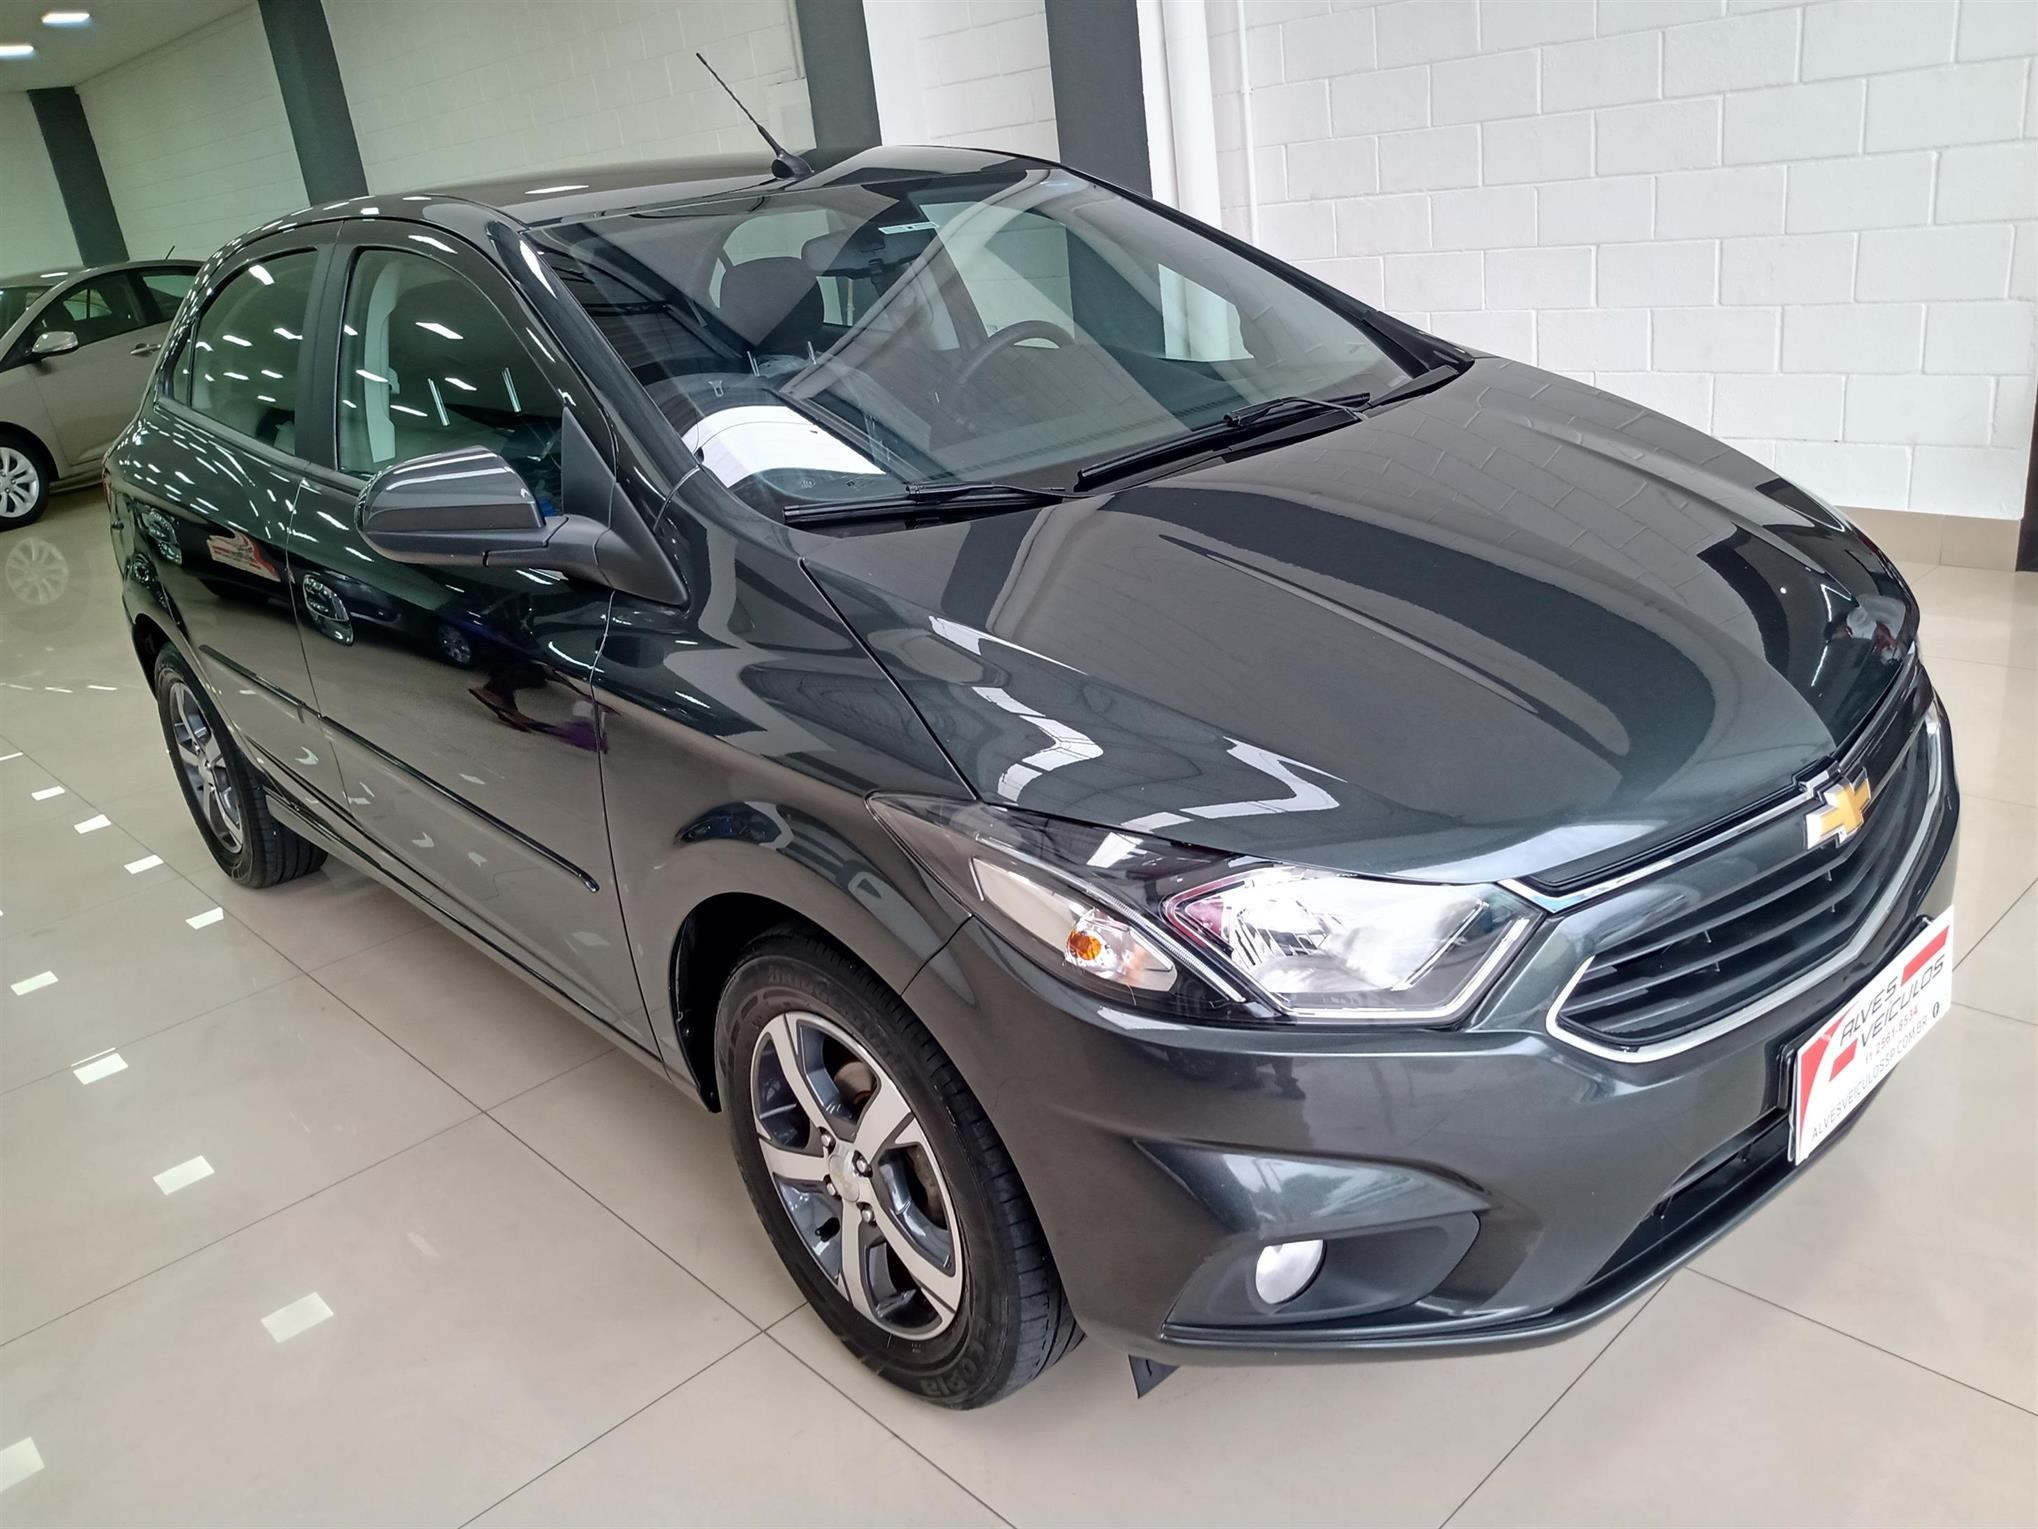 //www.autoline.com.br/carro/chevrolet/onix-14-ltz-8v-flex-4p-manual/2018/sao-paulo-sp/13582852